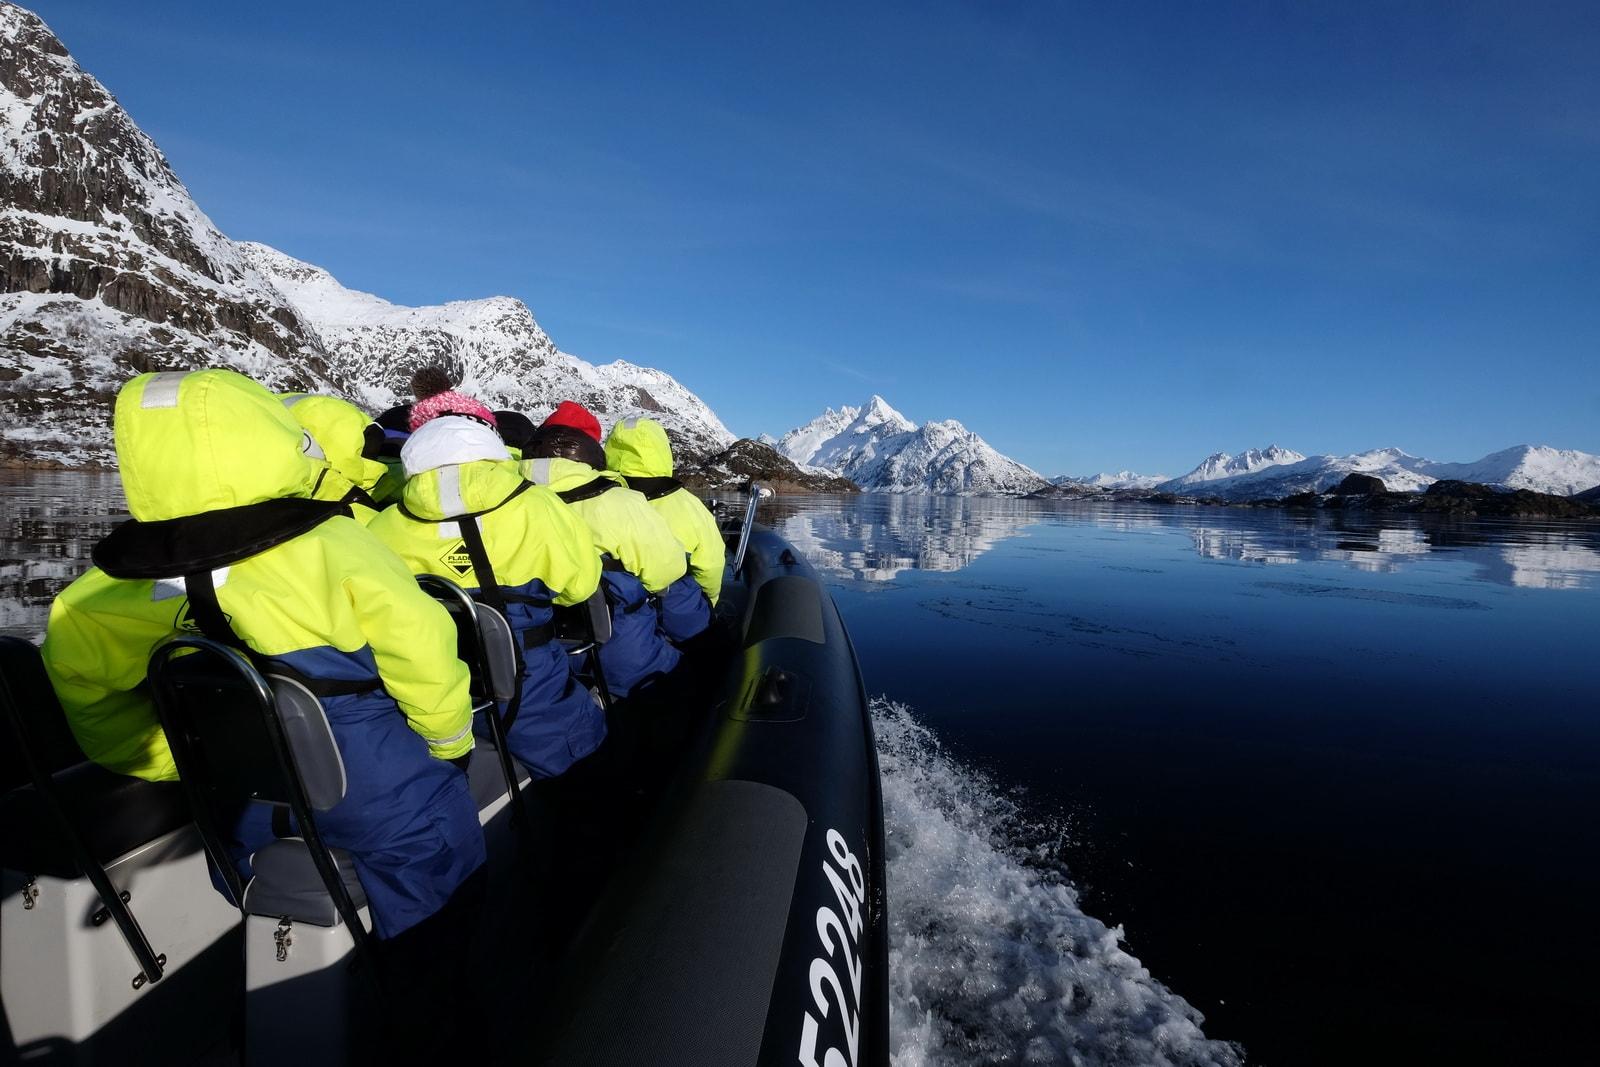 Viaggio fotografico in Norvegia con Luca Bracali - Escursione alle isole Lofoten